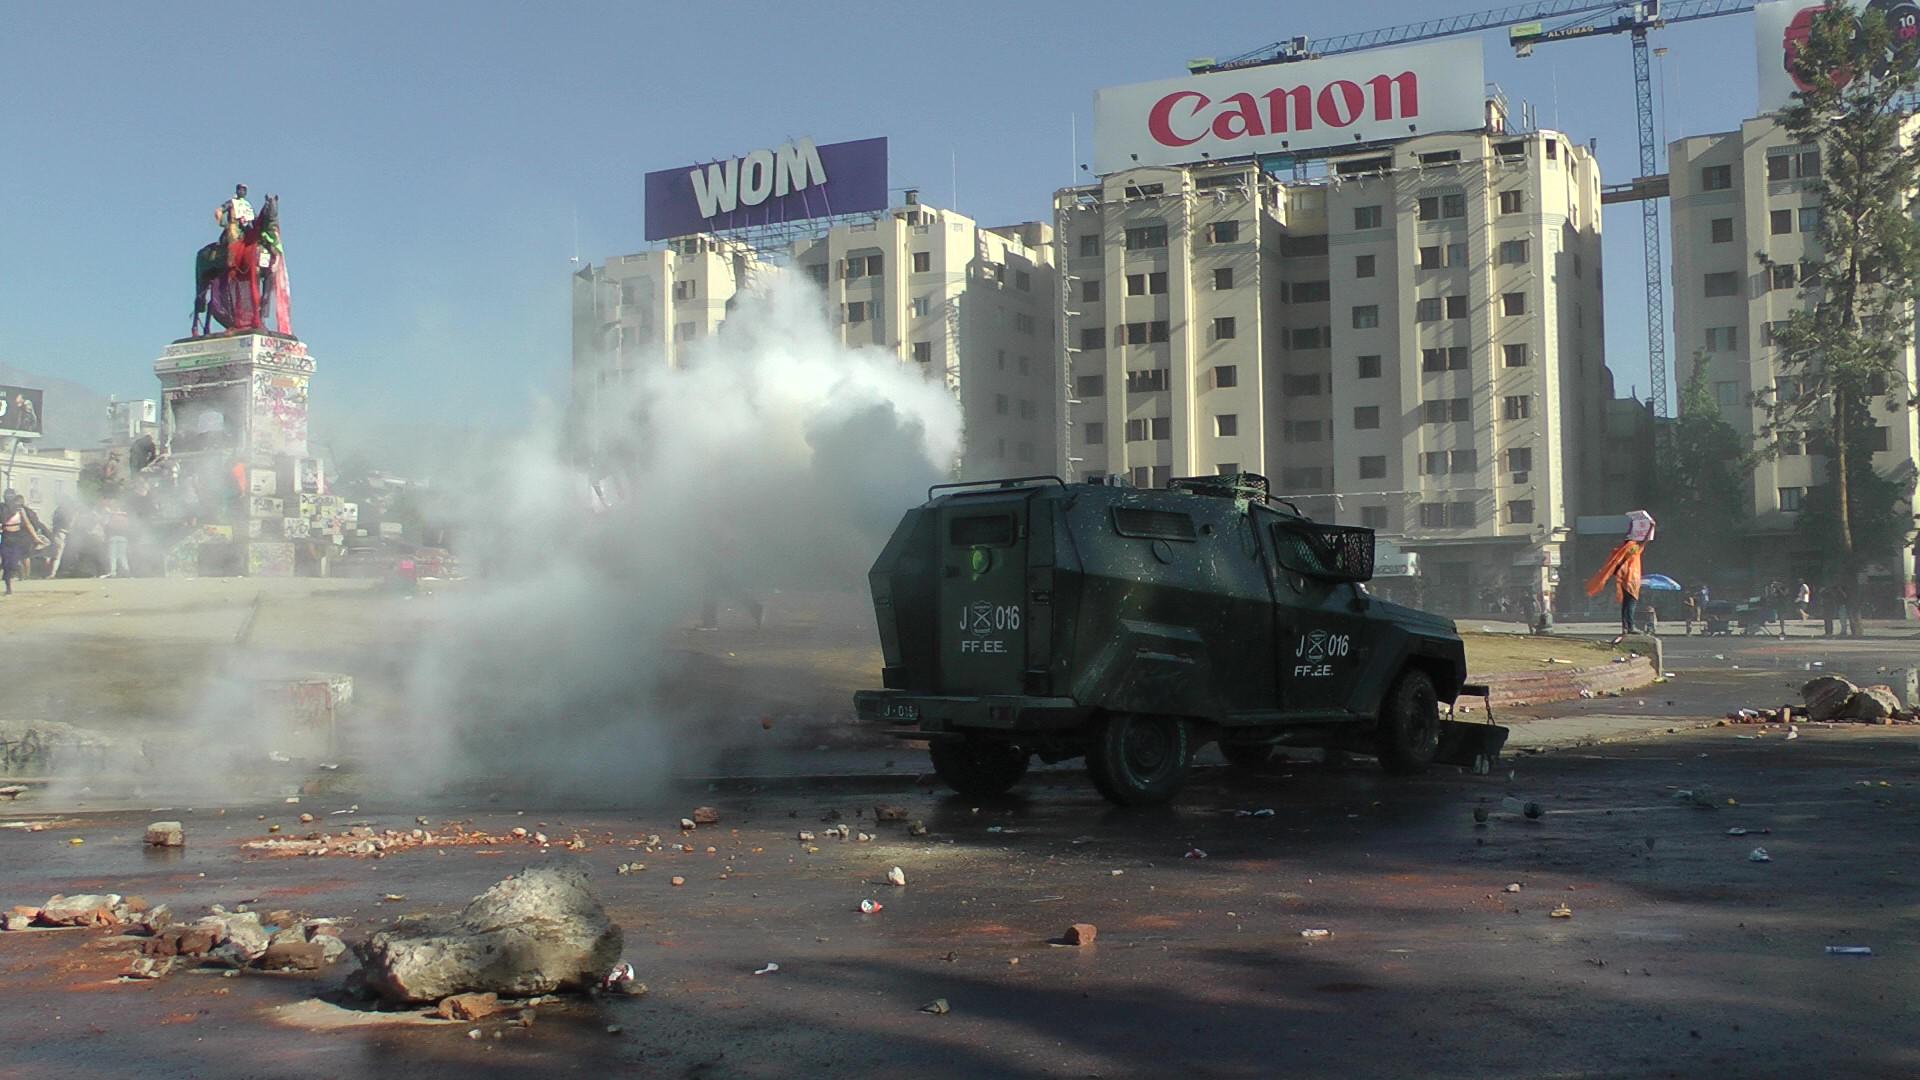 A pesar de la represión, Chile sigue en la calle